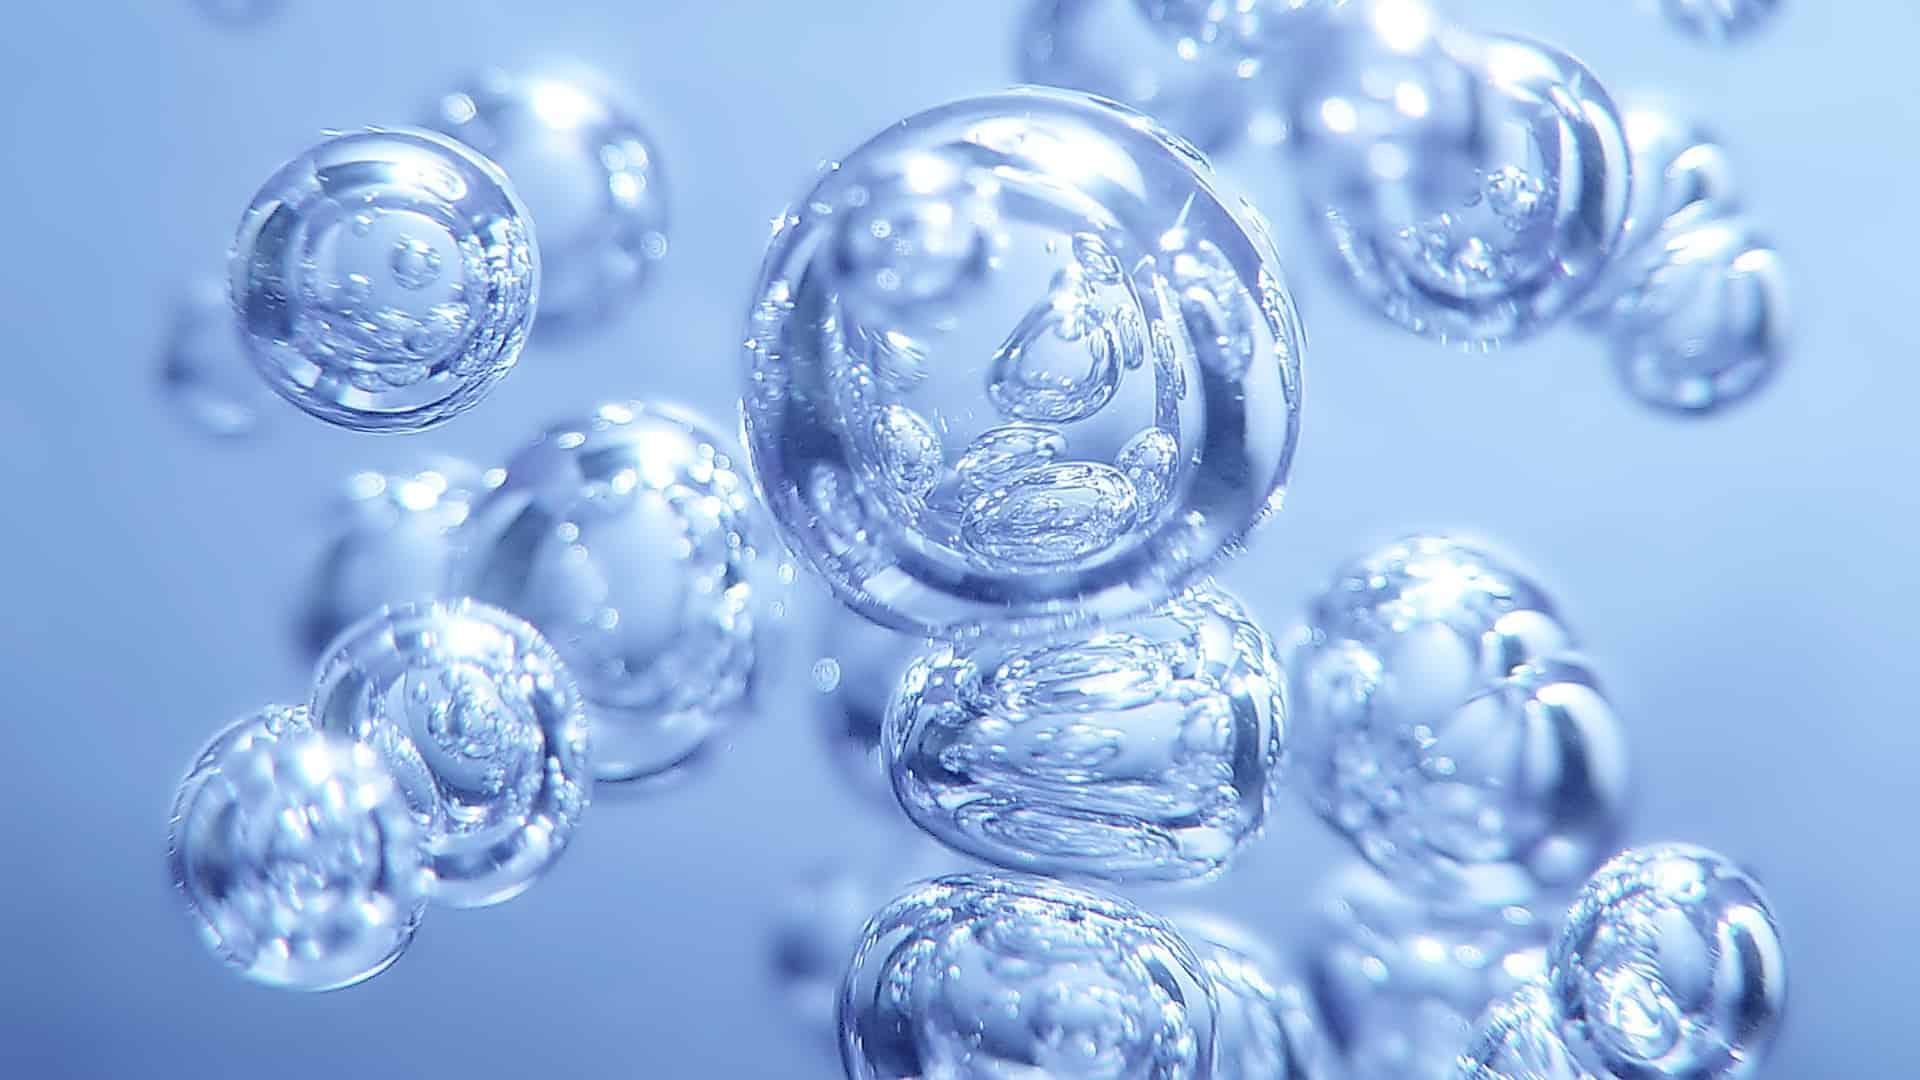 Почему вода после фильтра с осмосом сладкая?